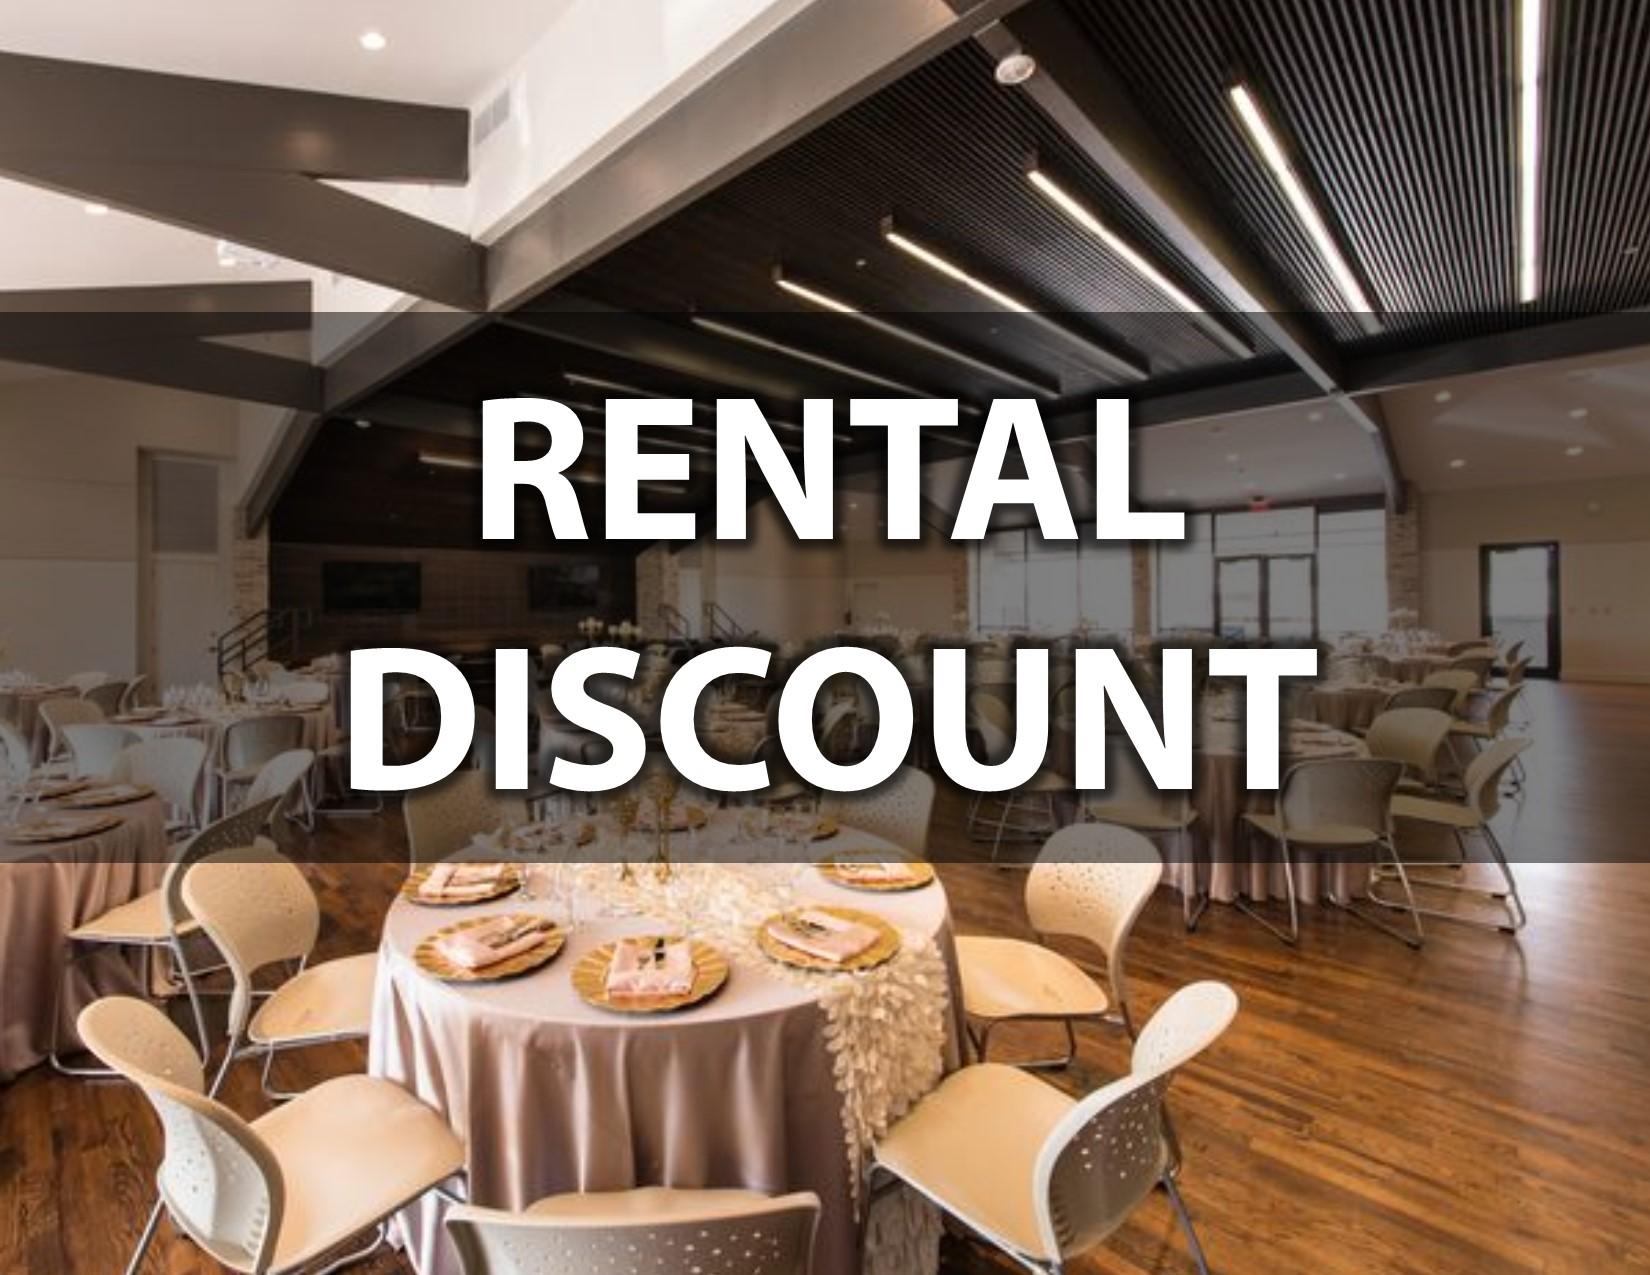 rental-discount(1).jpg